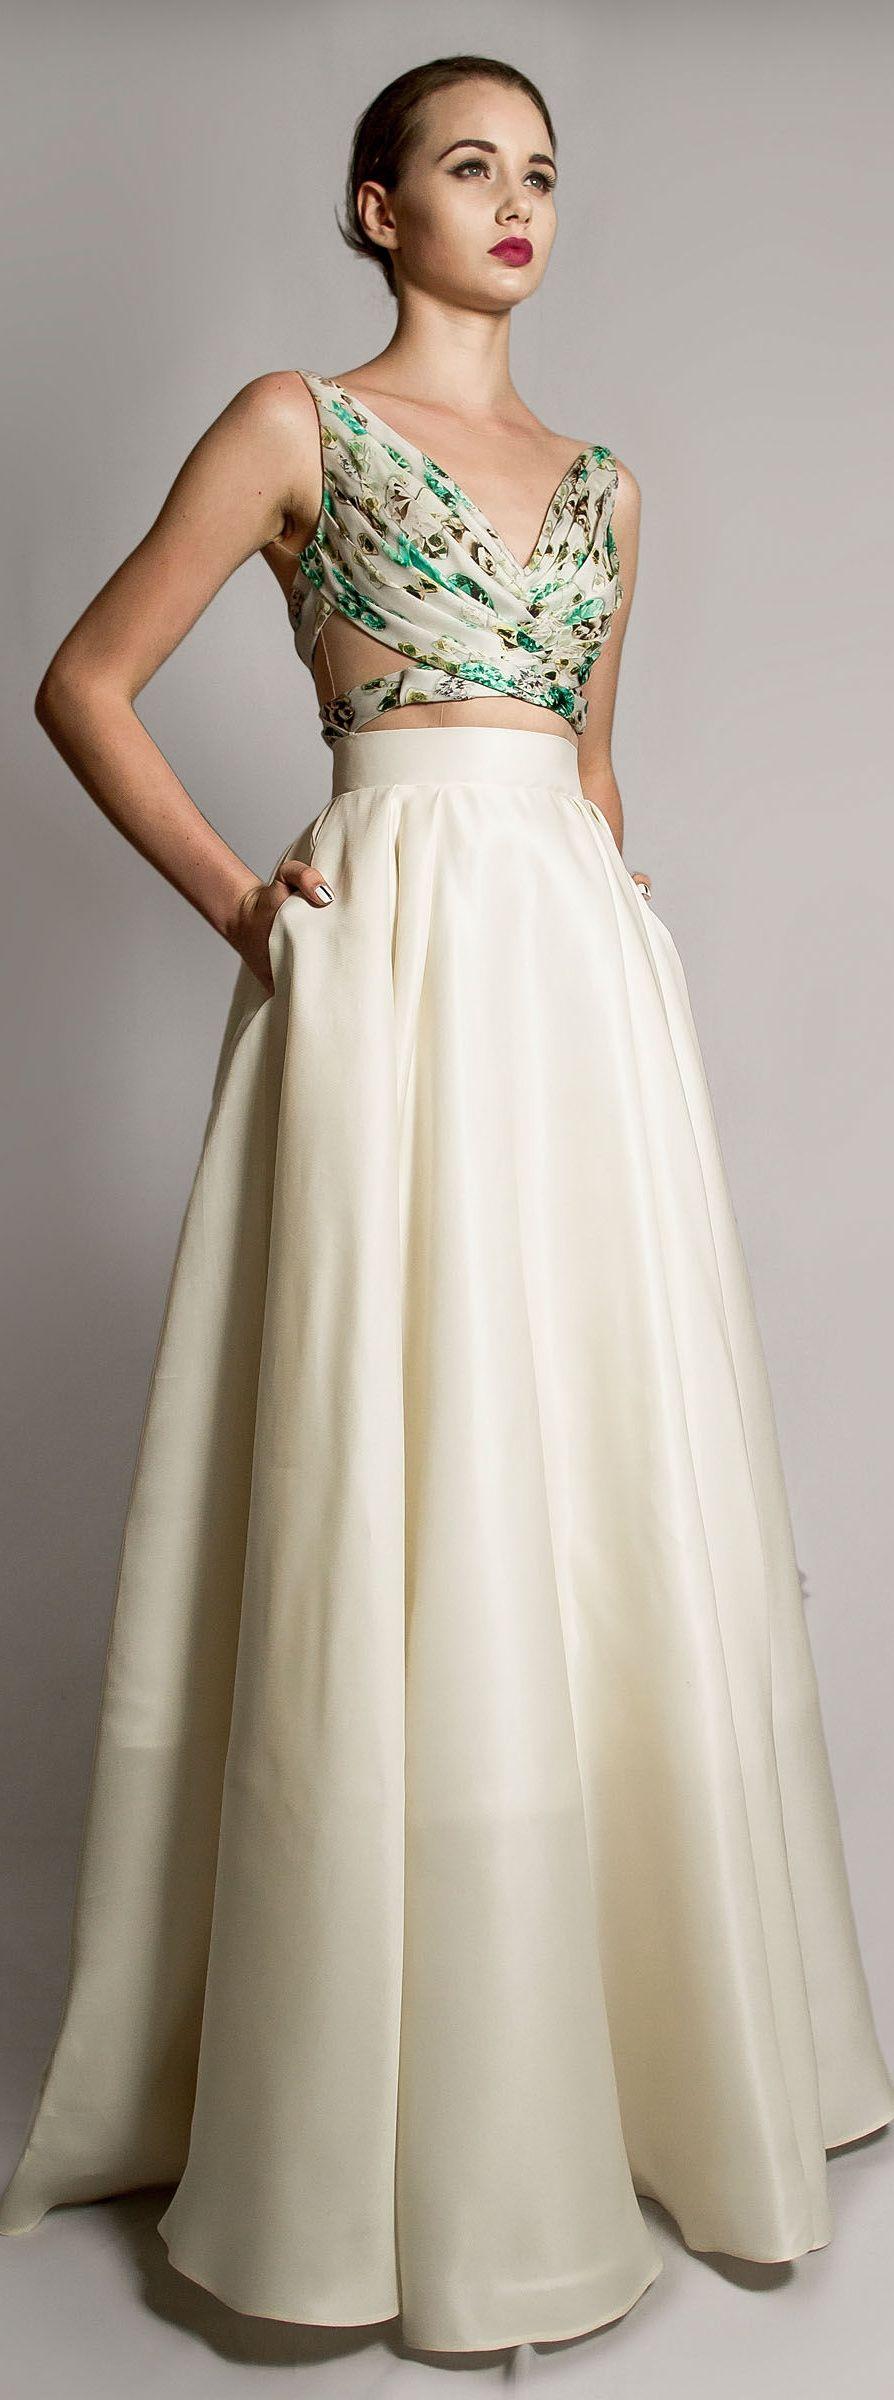 Me encanta todo de esto uc vestidos pinterest house gowns